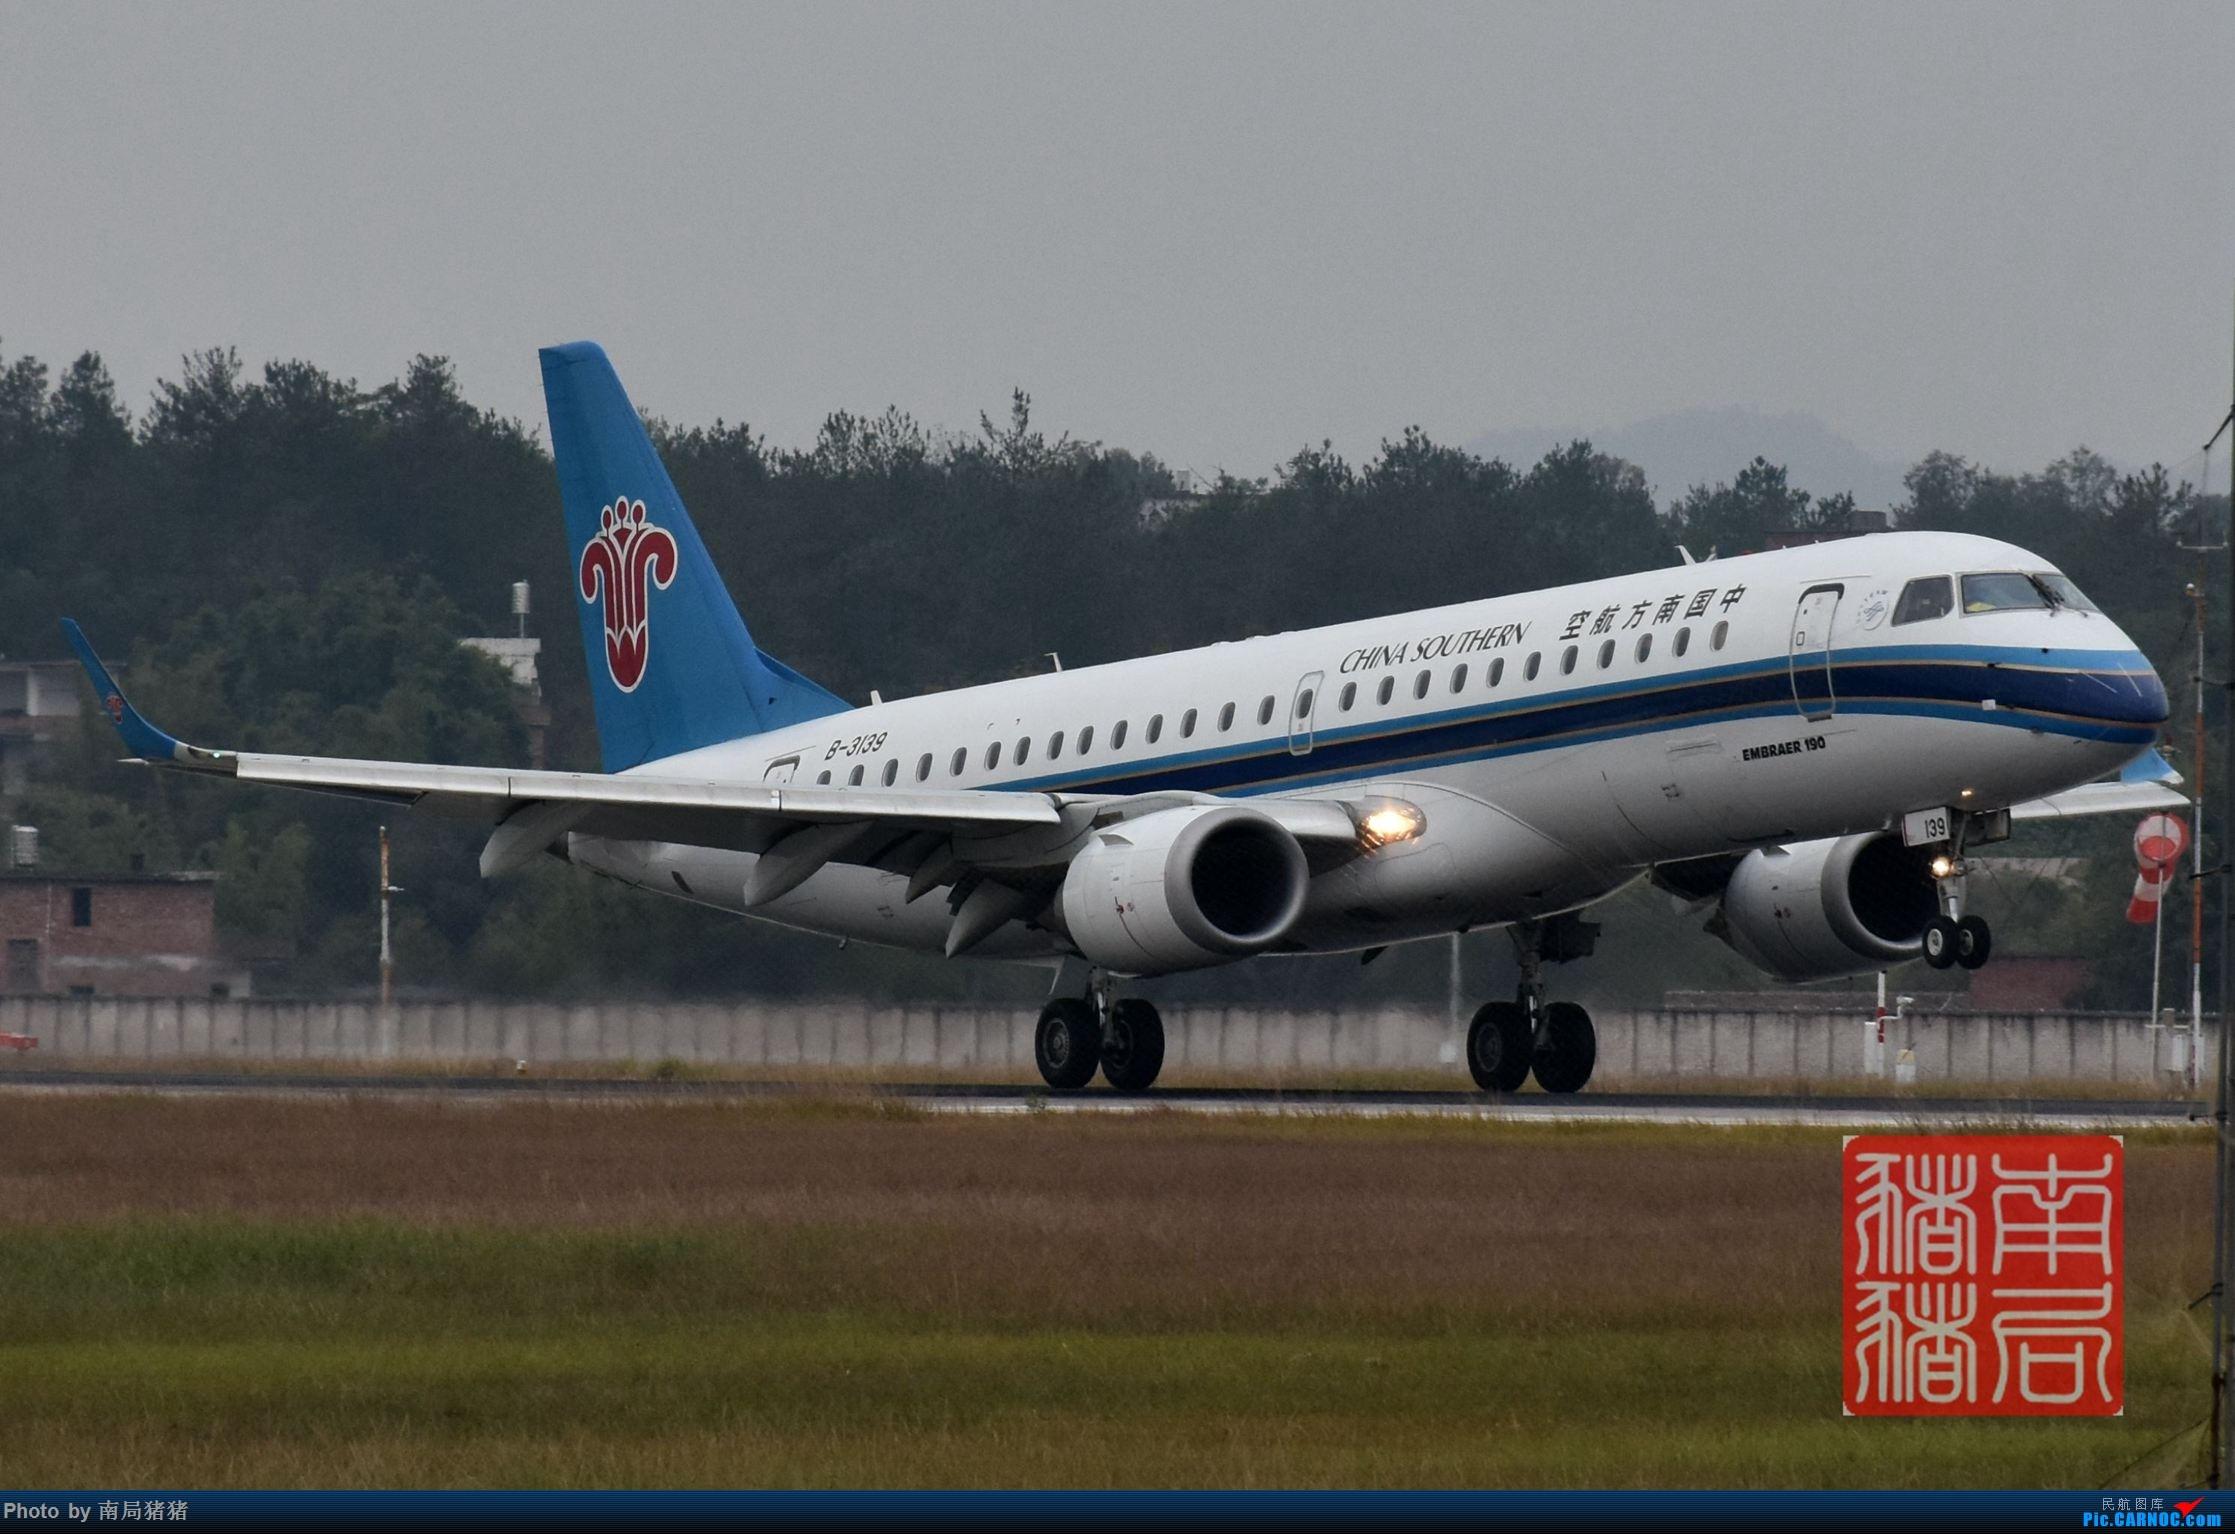 Re:[原创]赣州黄金机场,U fly 涂装320 EMBRAER E-190 B-3139 中国赣州黄金机场